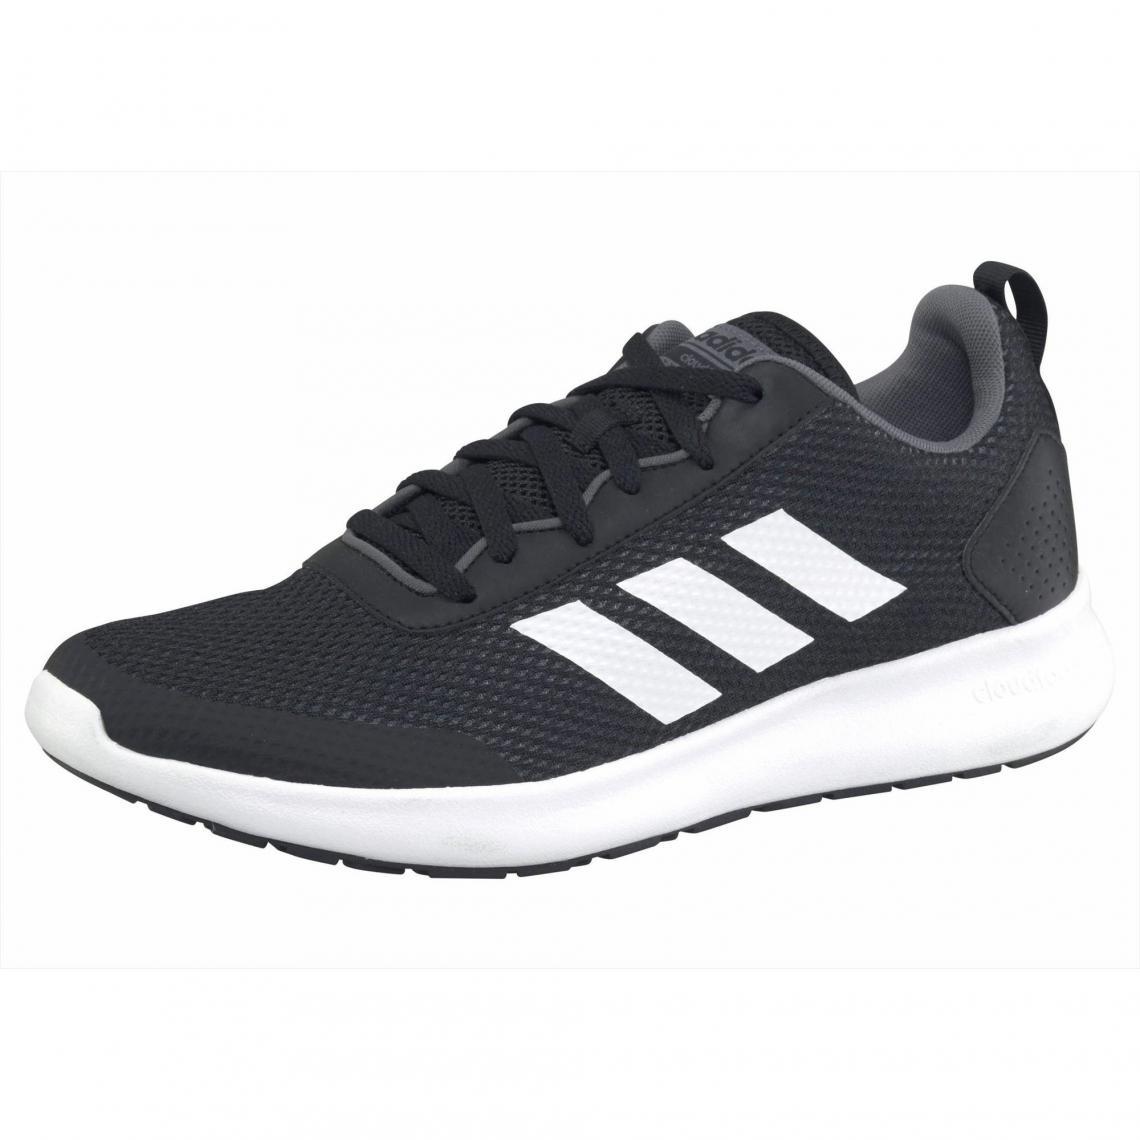 new concept 15406 e45b8 Baskettes homme Questar CC par Adidas - Noir - Blanc Adidas Homme